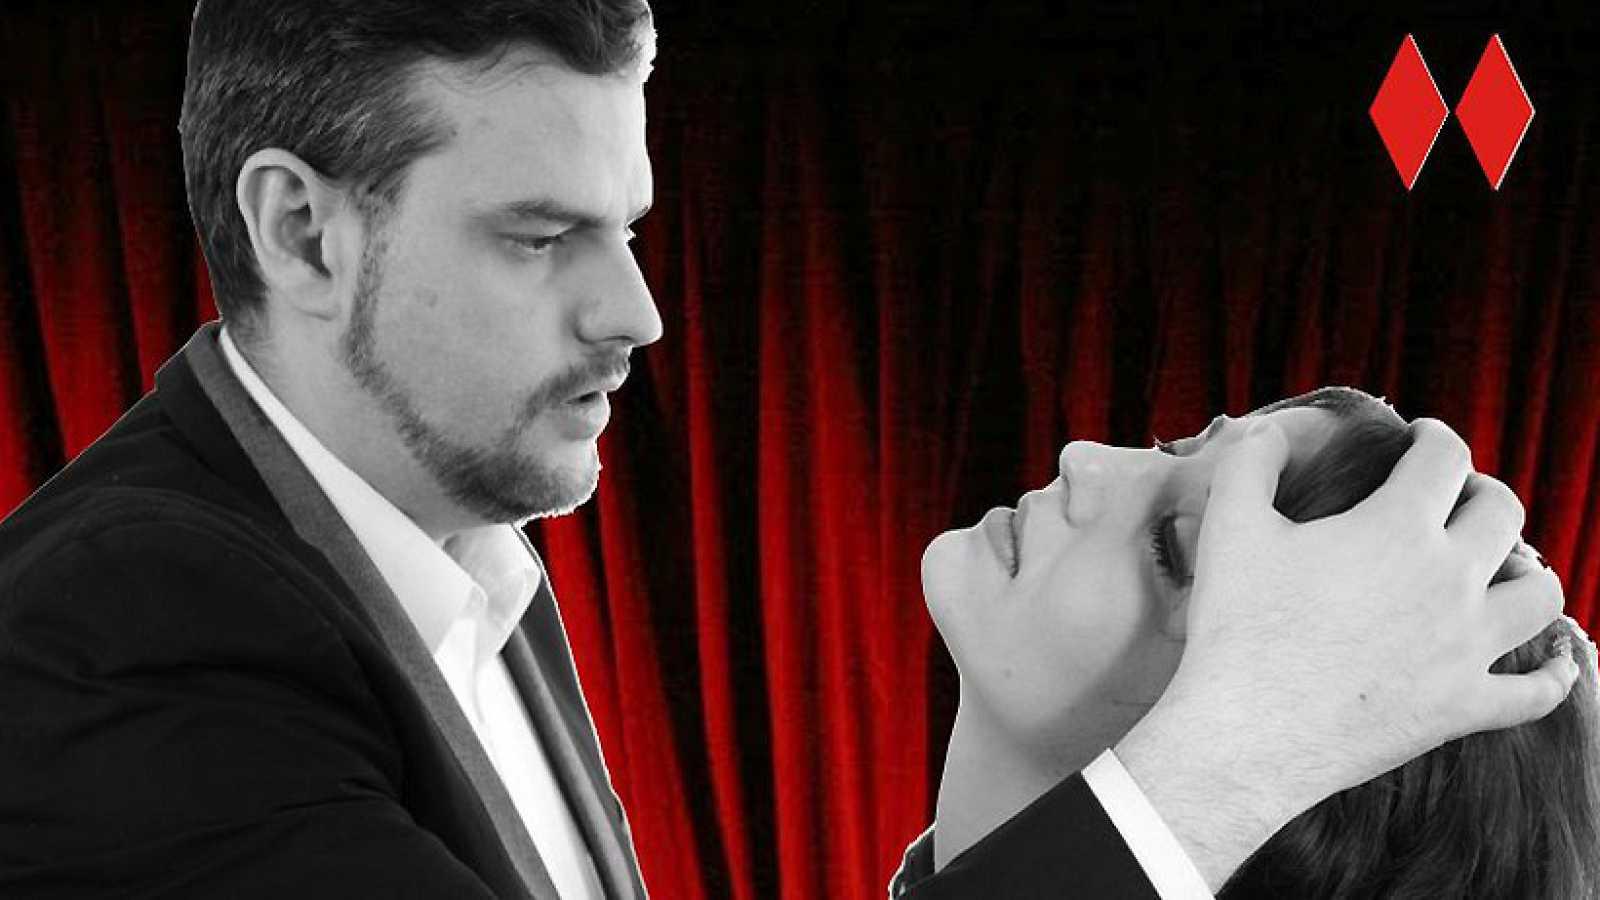 Las mañanas de RNE - 'Hypnosis cabaret', un show de hipnosis erótica - Escuchar ahora